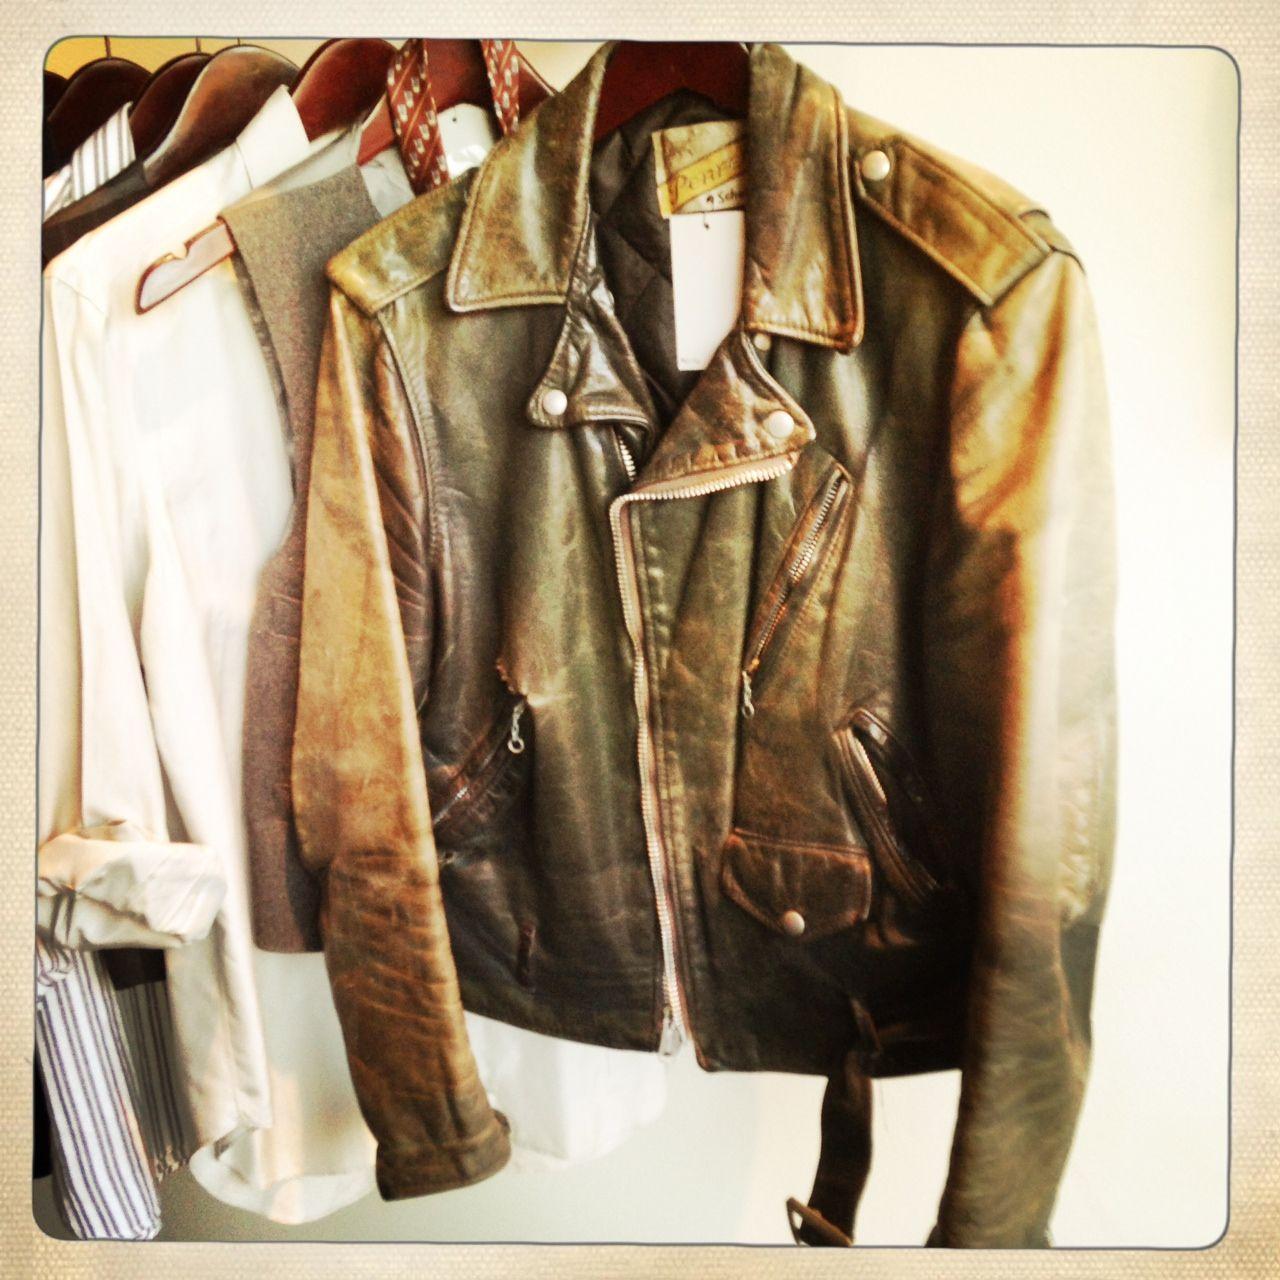 Sweet As Vintage Schott Perfecto Motorcycle Jacket Lederjacke Jacken Leder [ 1280 x 1280 Pixel ]